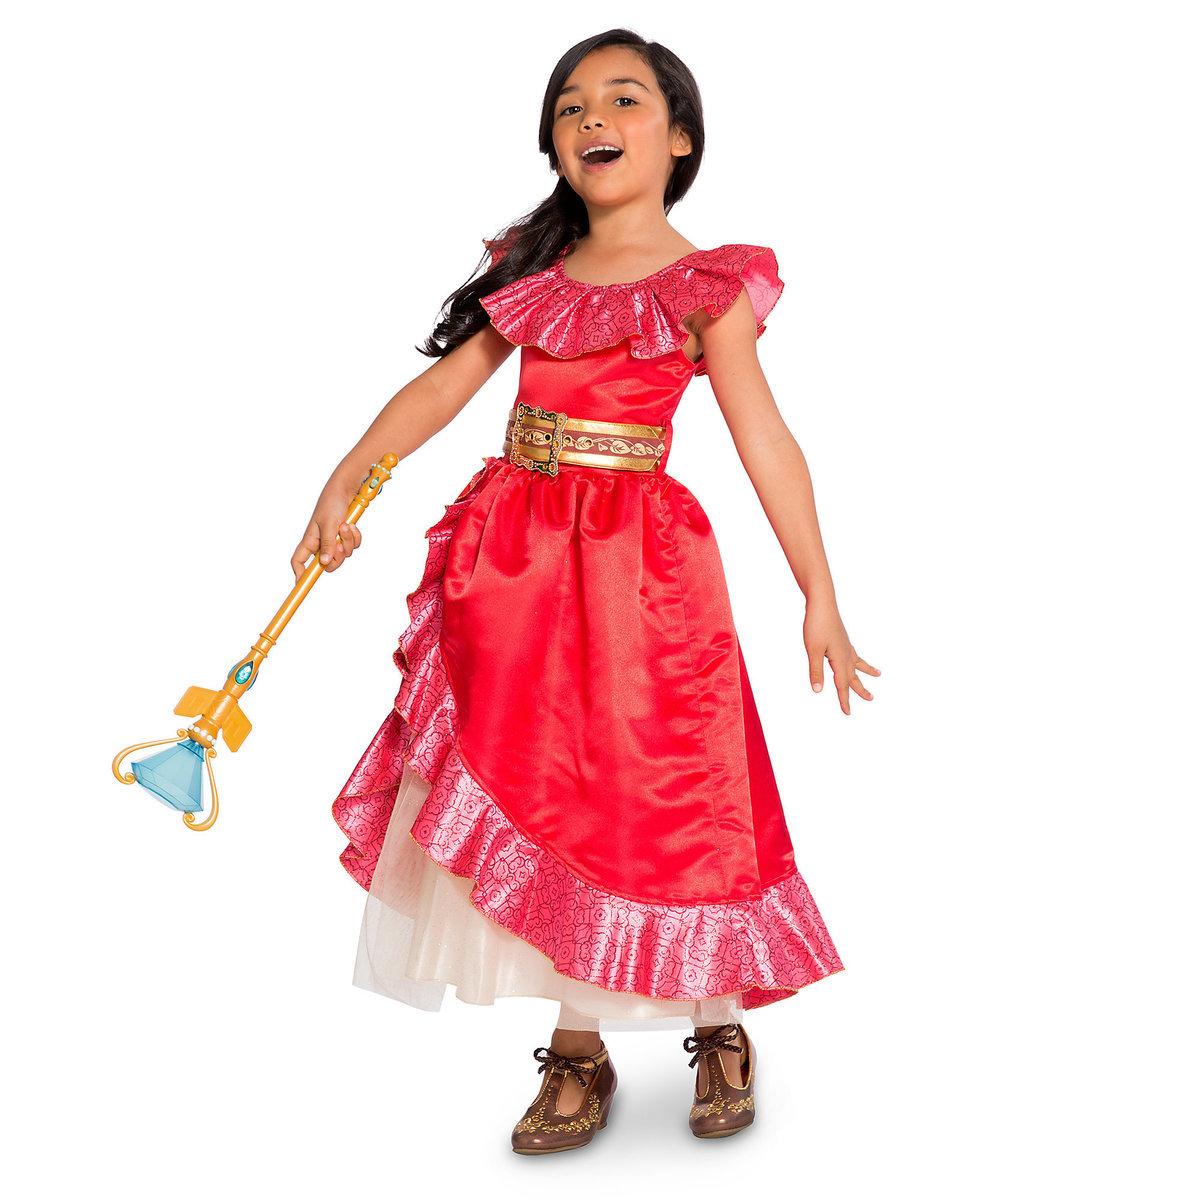 ชุดคอสตูมสำหรับเด็ก Disney Costume for Kids (Elena of Avalor)